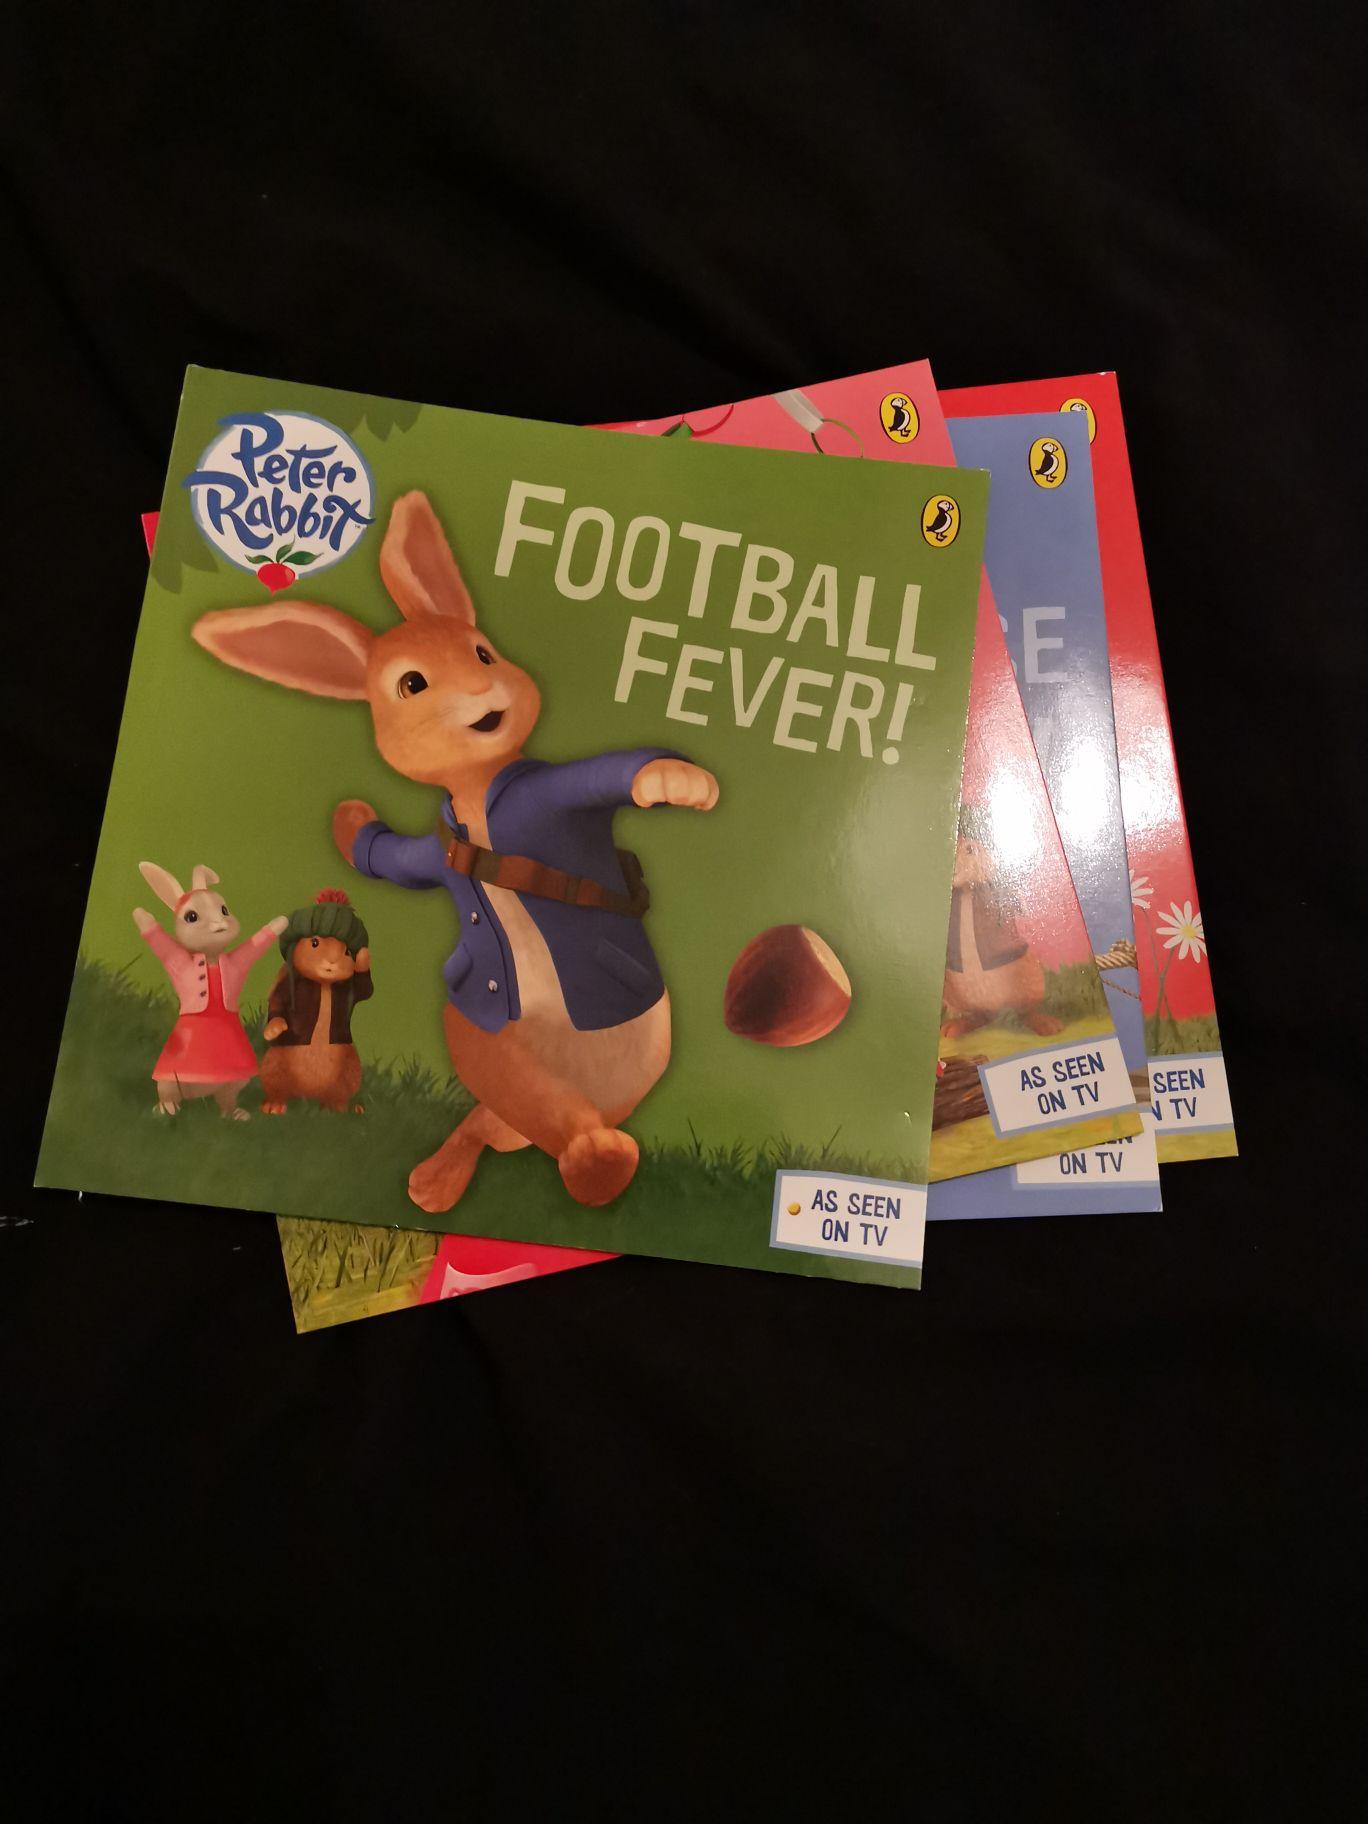 Peter rabbit books 59p instore @ Home Bargains Sunderland